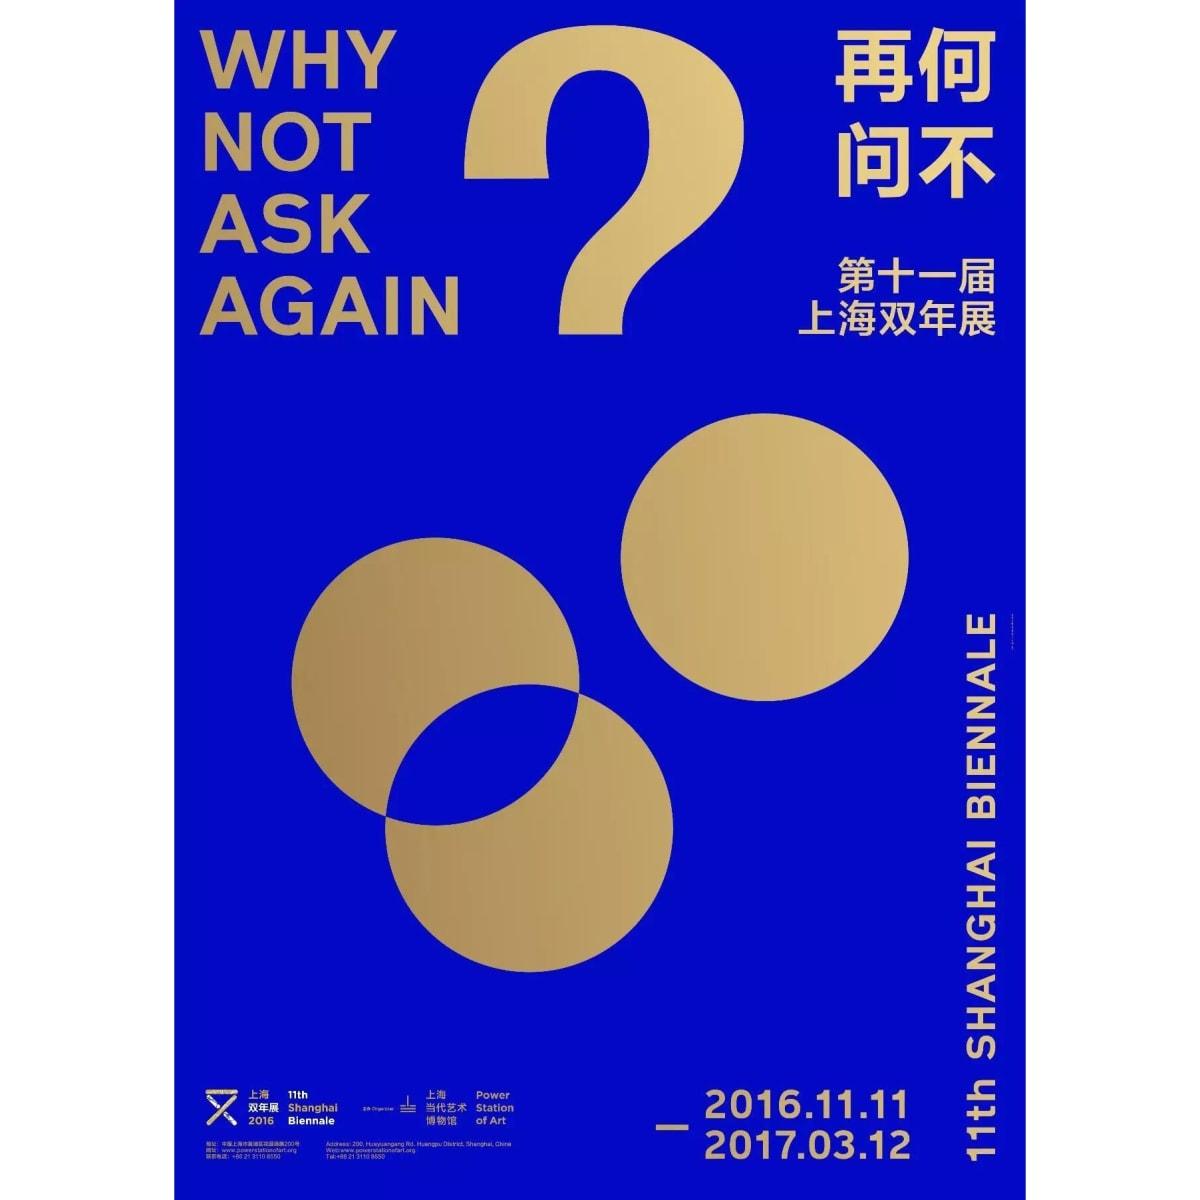 """第十一届上海双年展""""何不再问?"""""""